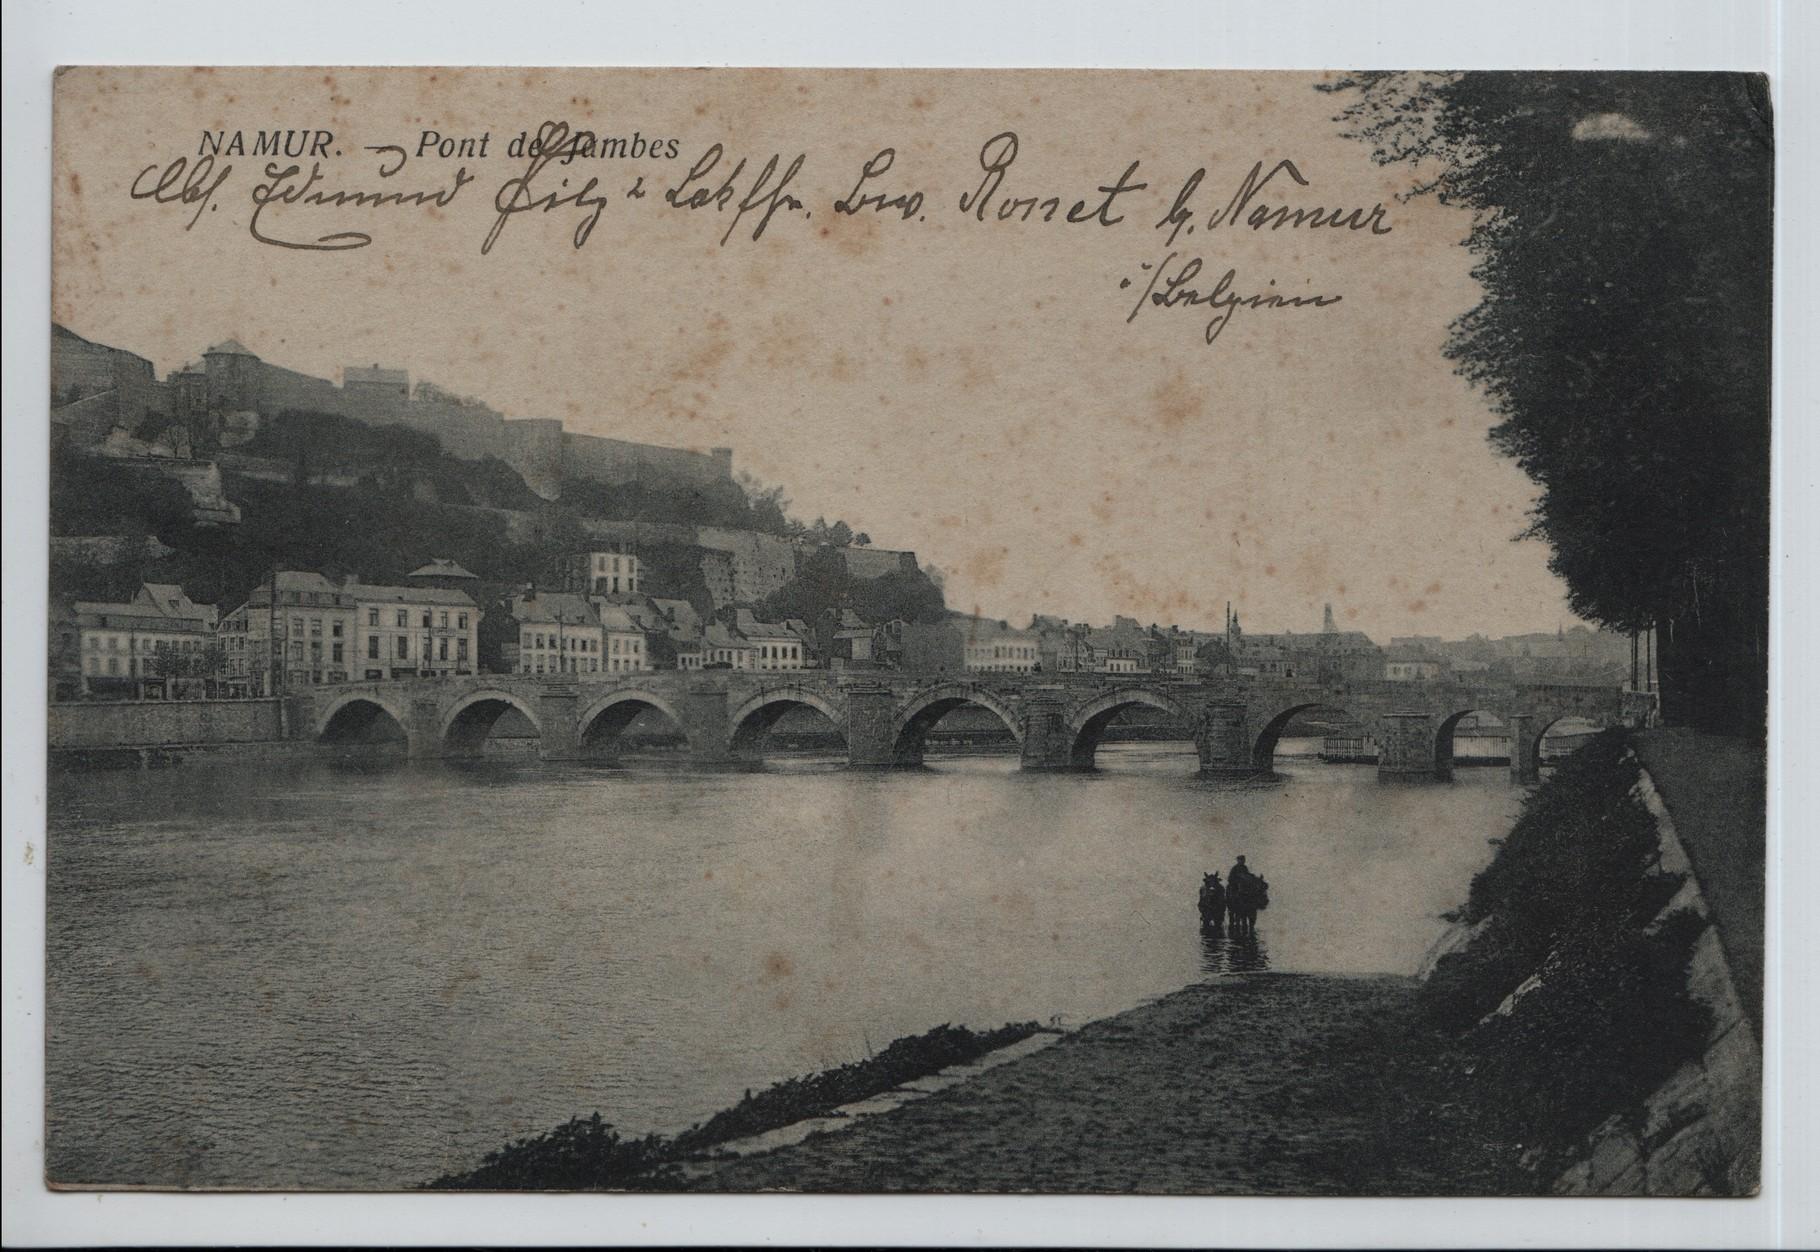 7. Bridge at Namur